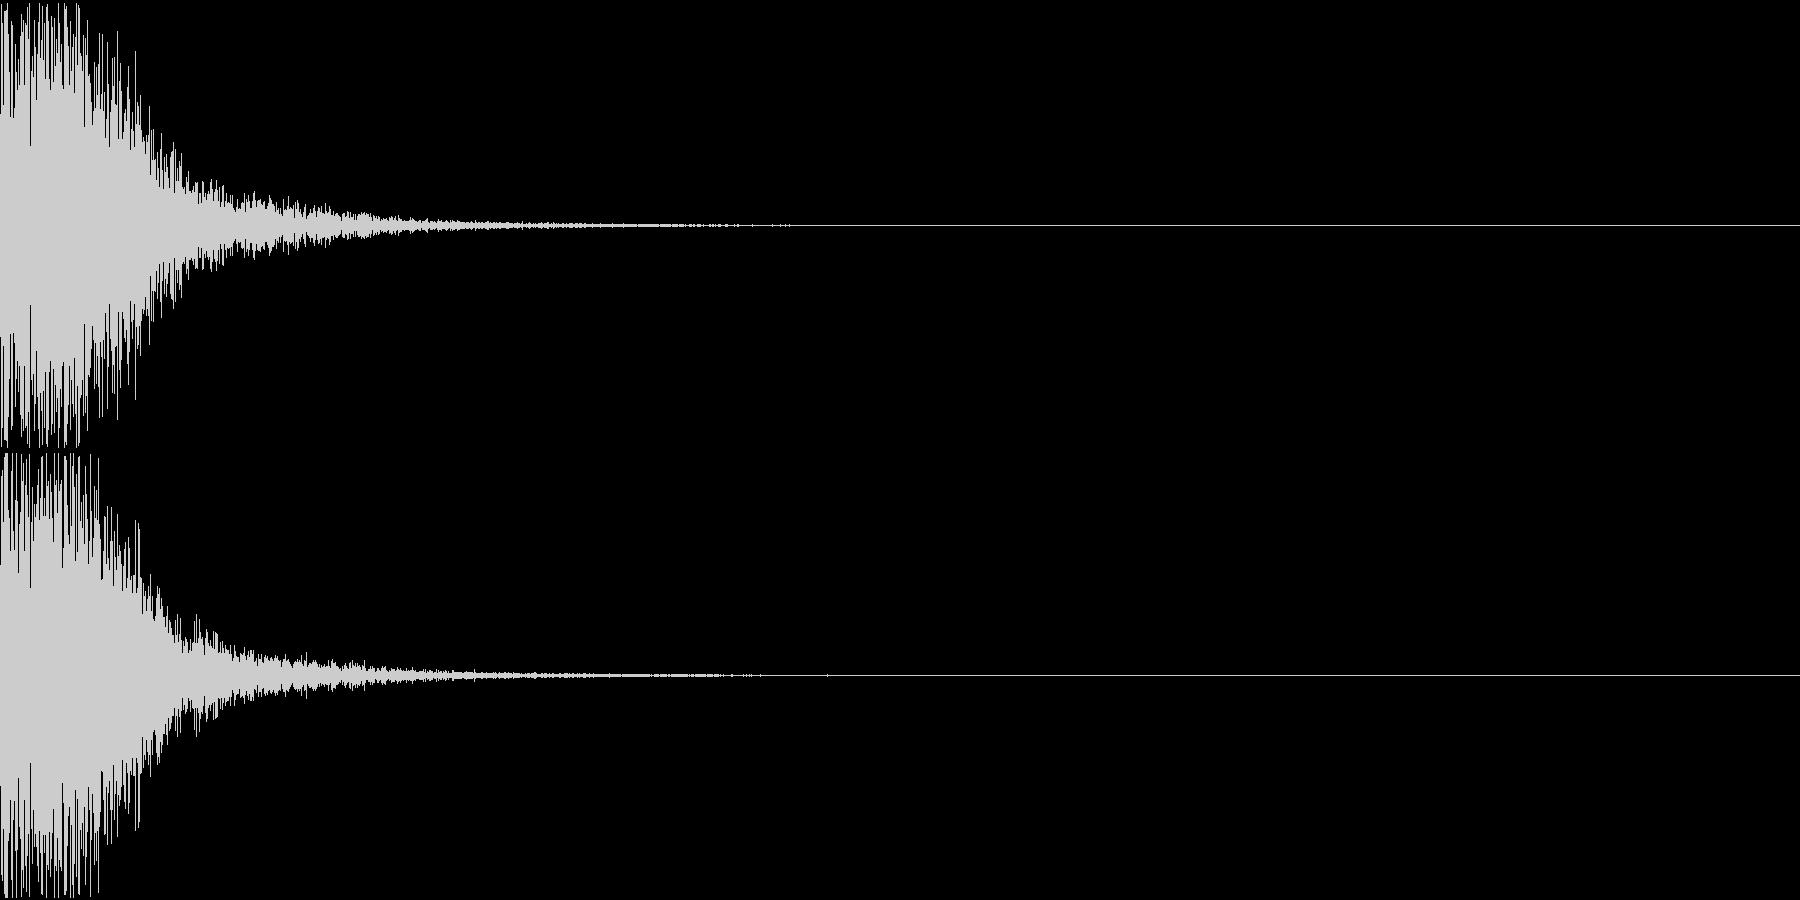 KAKUGE 格闘ゲーム戦闘音 50の未再生の波形